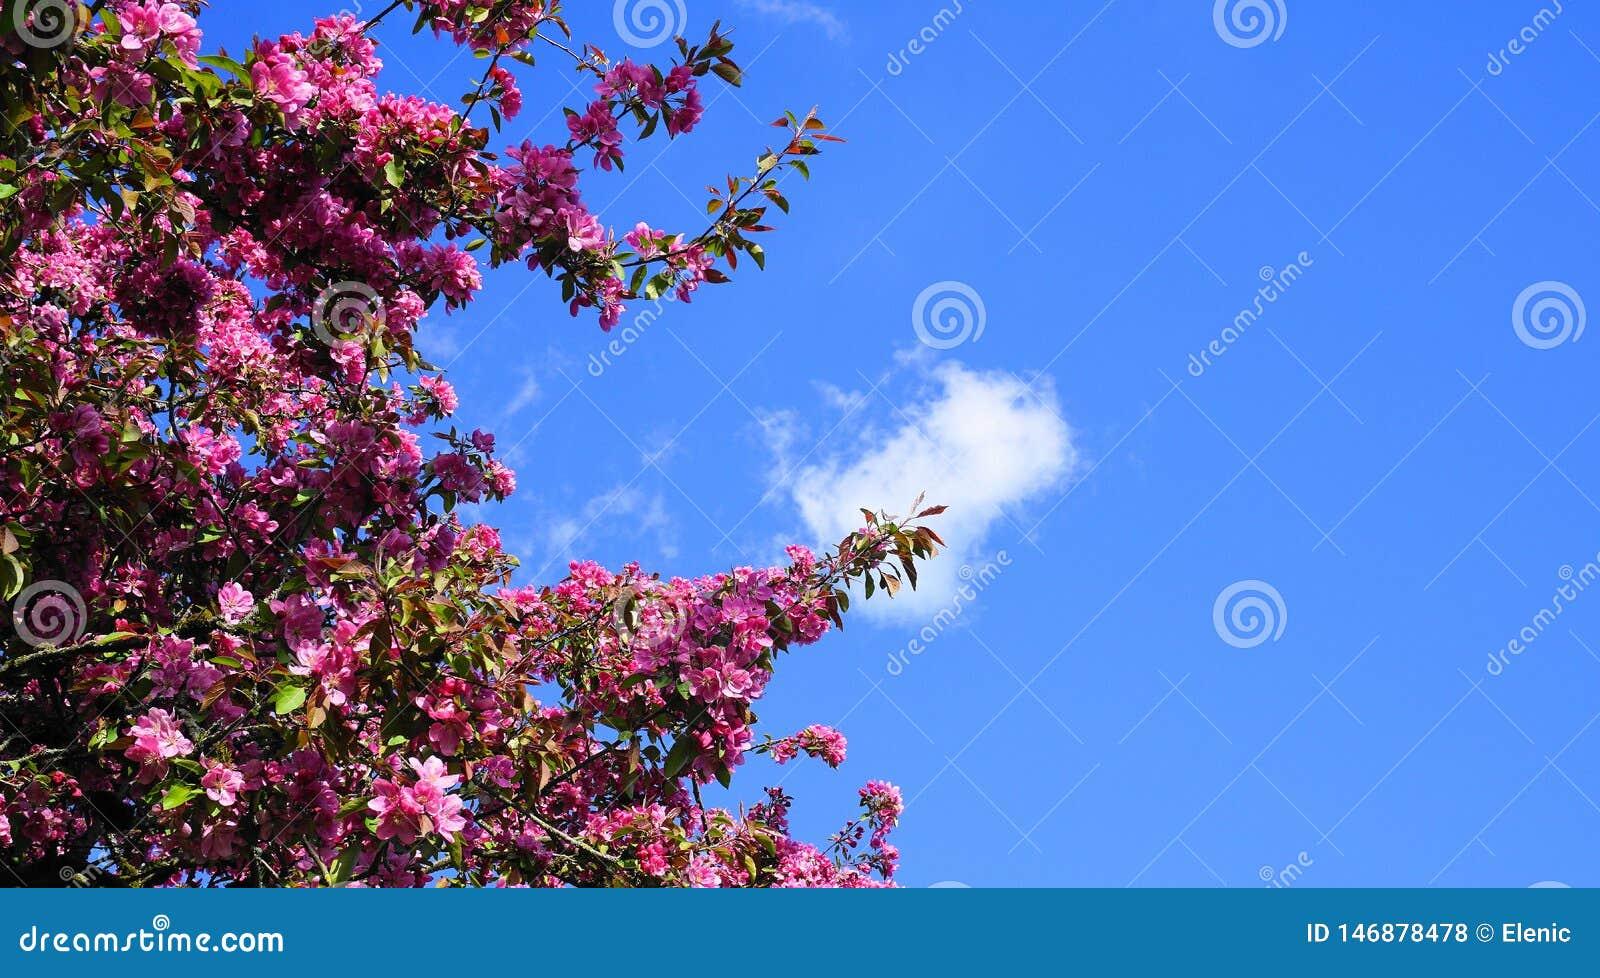 De boom van Crabapple van de Malusroyalty met opzichtige en heldere bloemen tegen blauwe hemelachtergrond De Bloesem van de appel